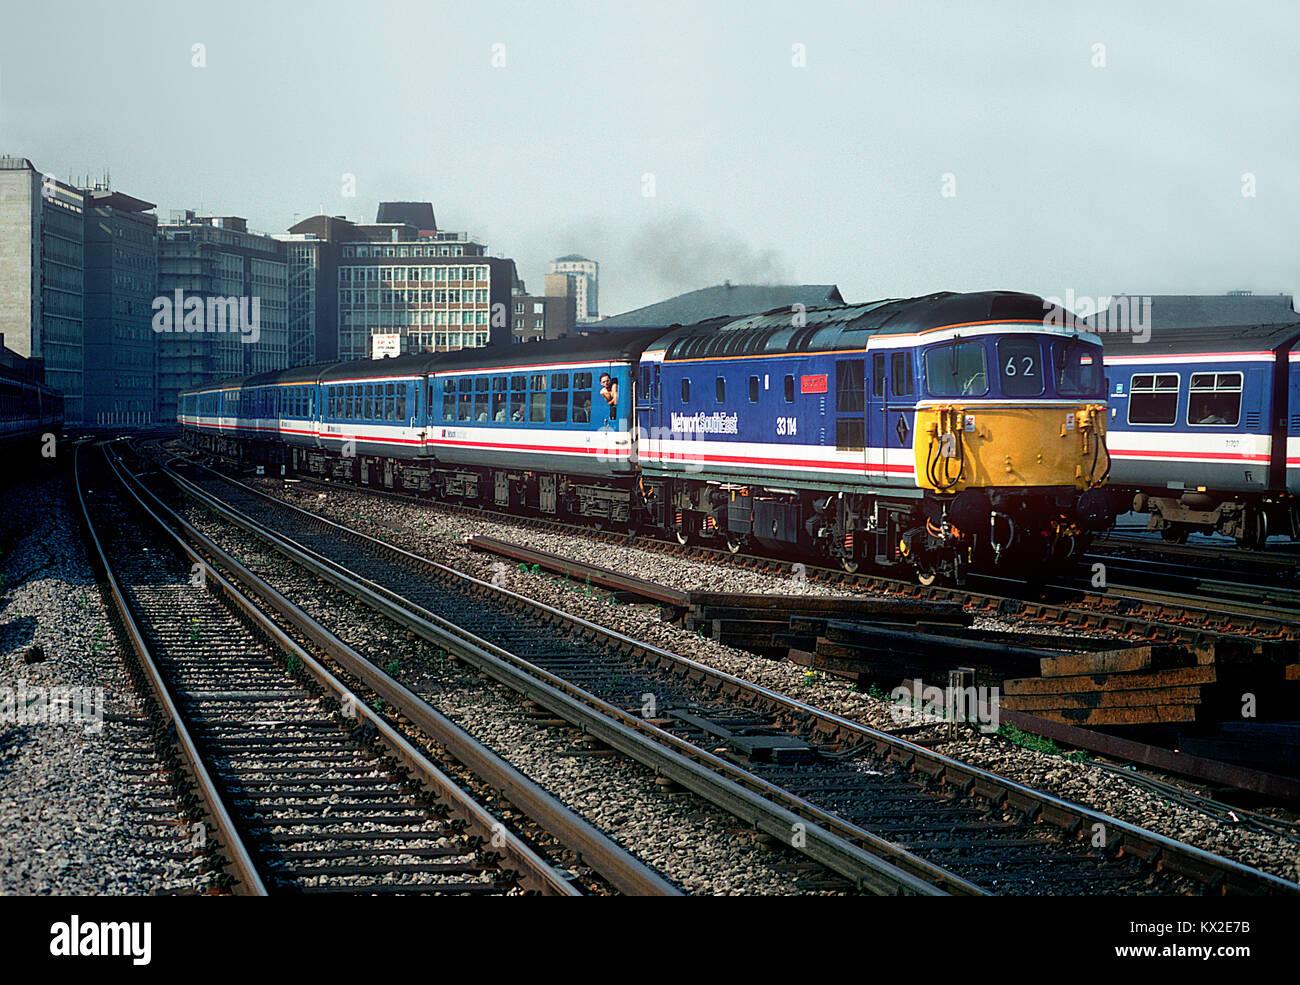 En mayo de 1992 33114 fue pintada en colores y sureste de Red denominada 'Ashford 150'. La celebridad Crompton está visto que funciona una red de 'Express' servicio en Vauxhall. El 29 de julio de 1992. Foto de stock